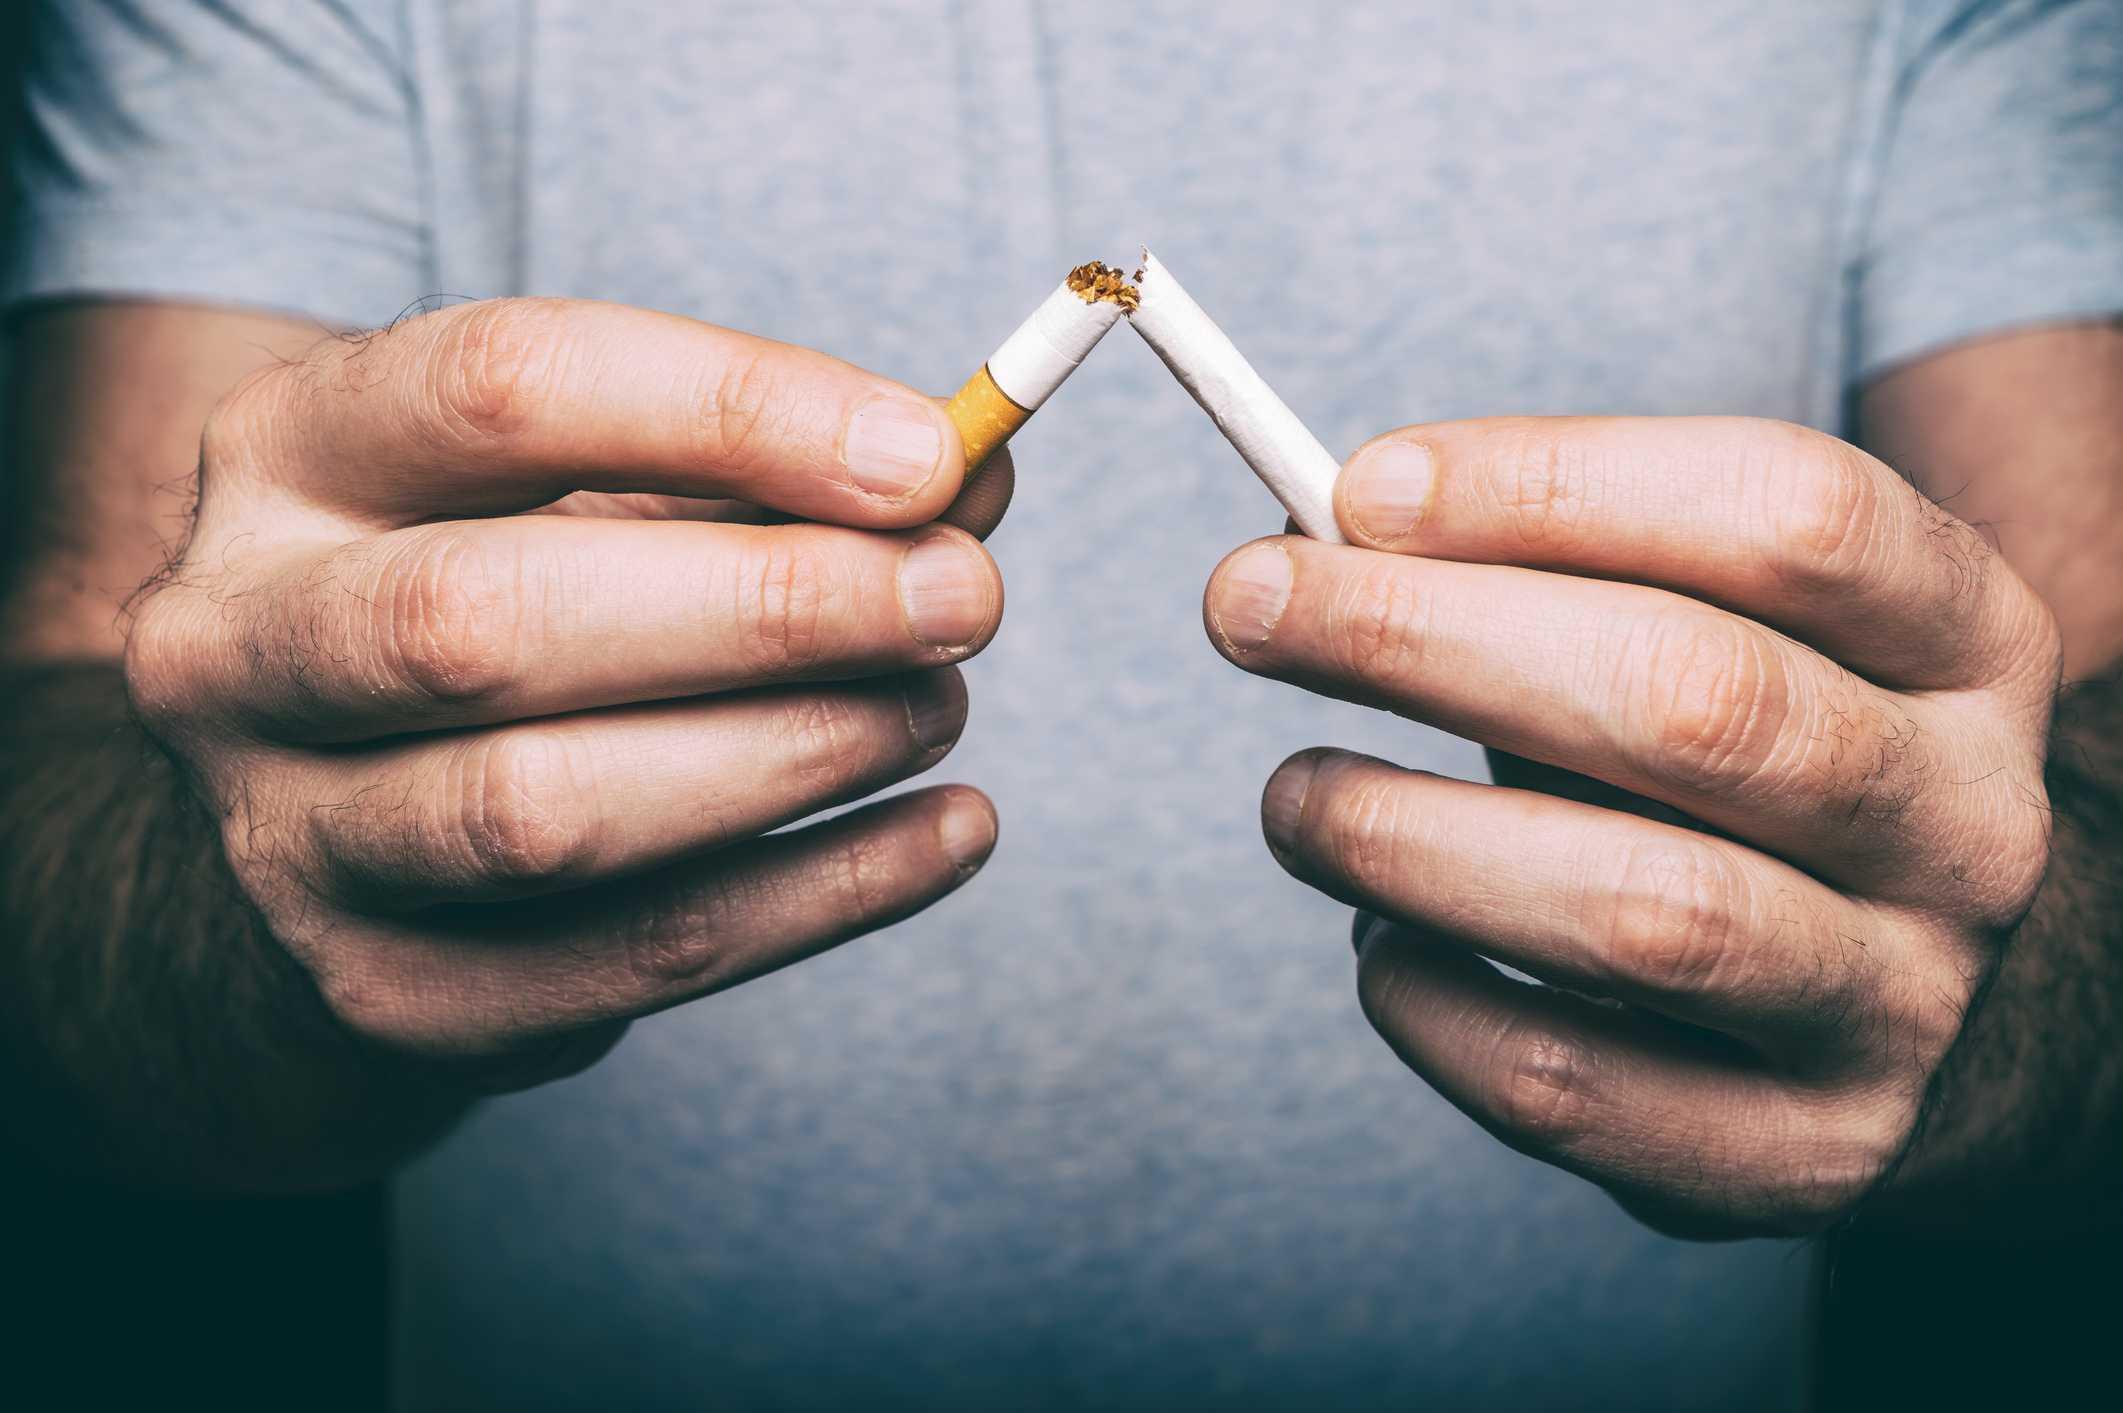 Tips on Stopping Smoking